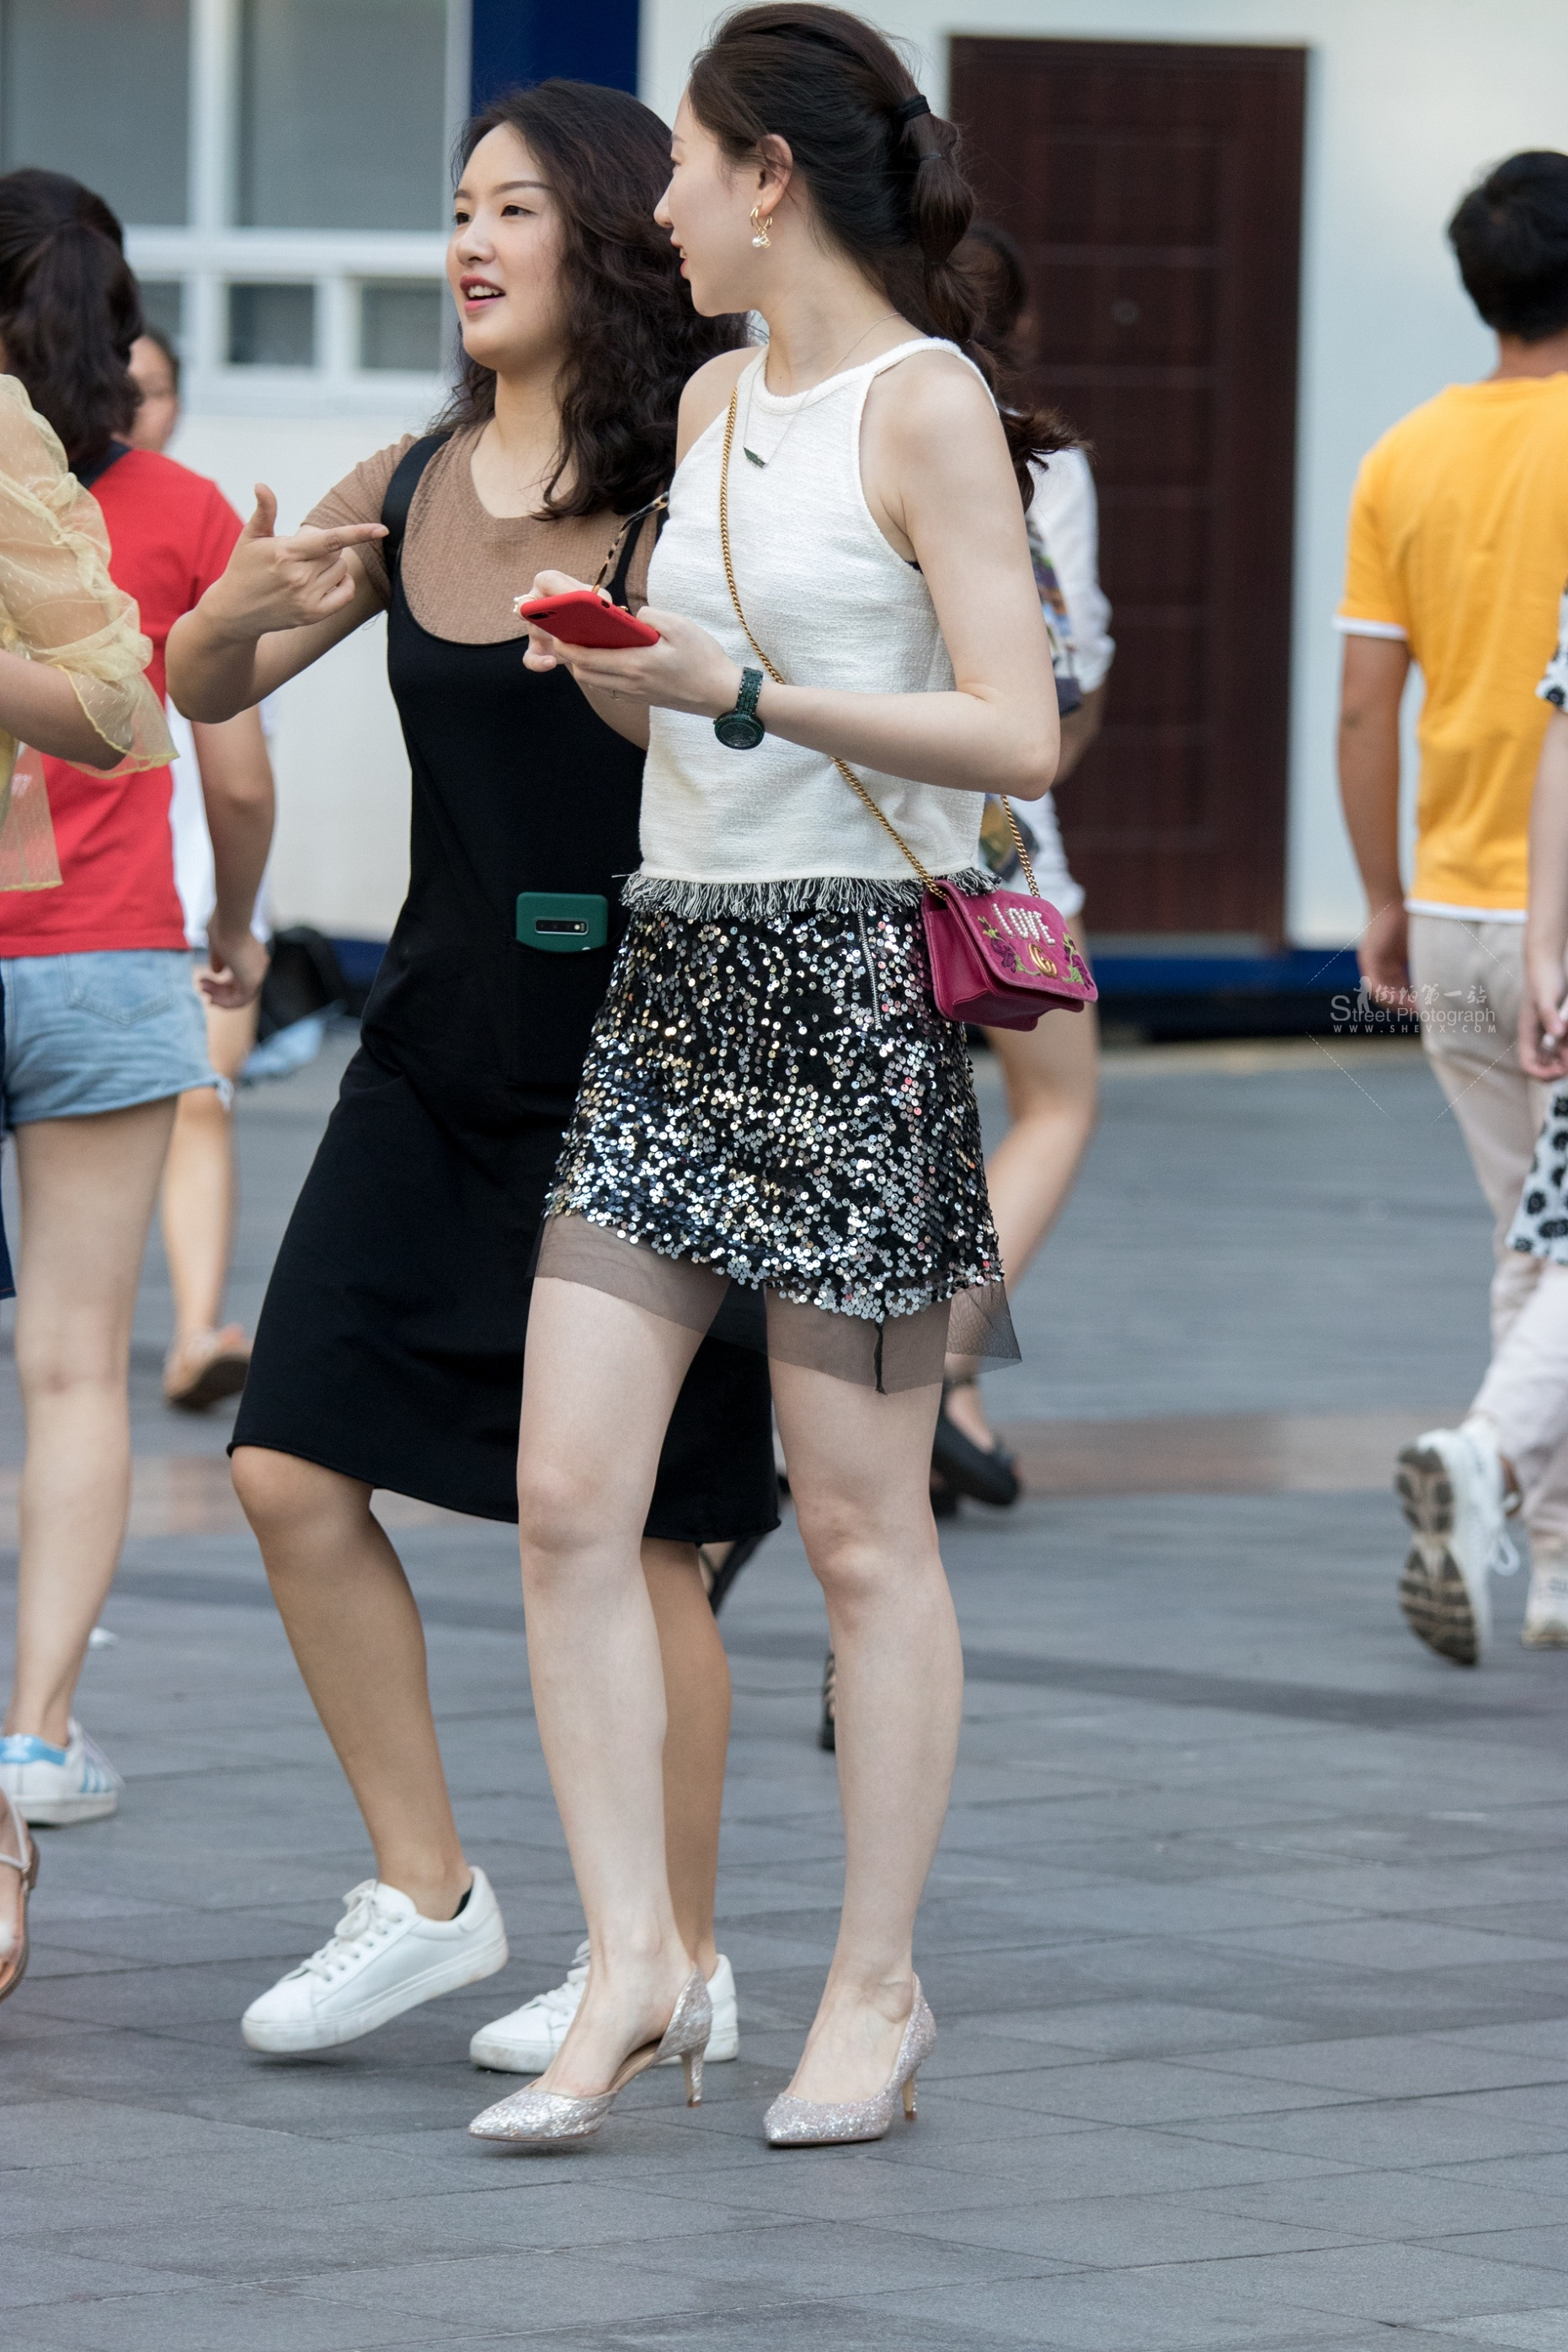 街拍高跟 俊風攝影+重慶9月23貼 顏值身材氣質一流皮膚白哲又惑銀色 高跟M腿白富美M婦 最新街拍絲襪圖片 街拍絲襪第一站